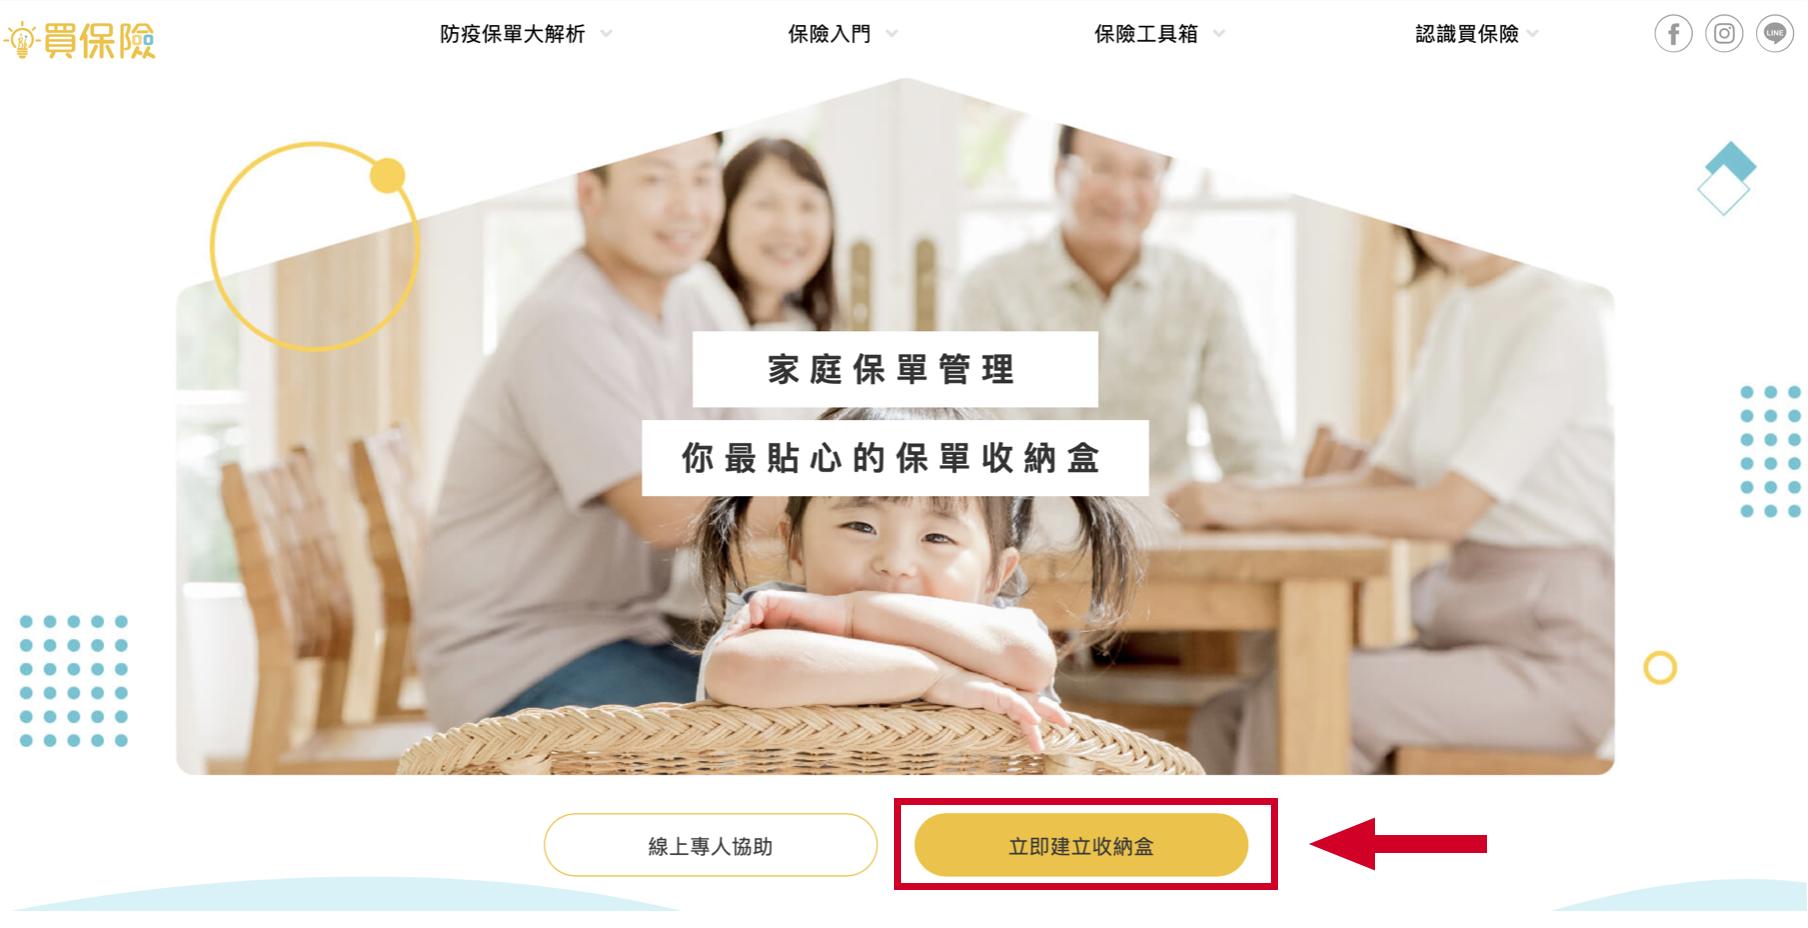 買保險-保險-保單-smartbeb-保單-保單管理-家庭保單-家庭保險-經濟主力-保險規劃